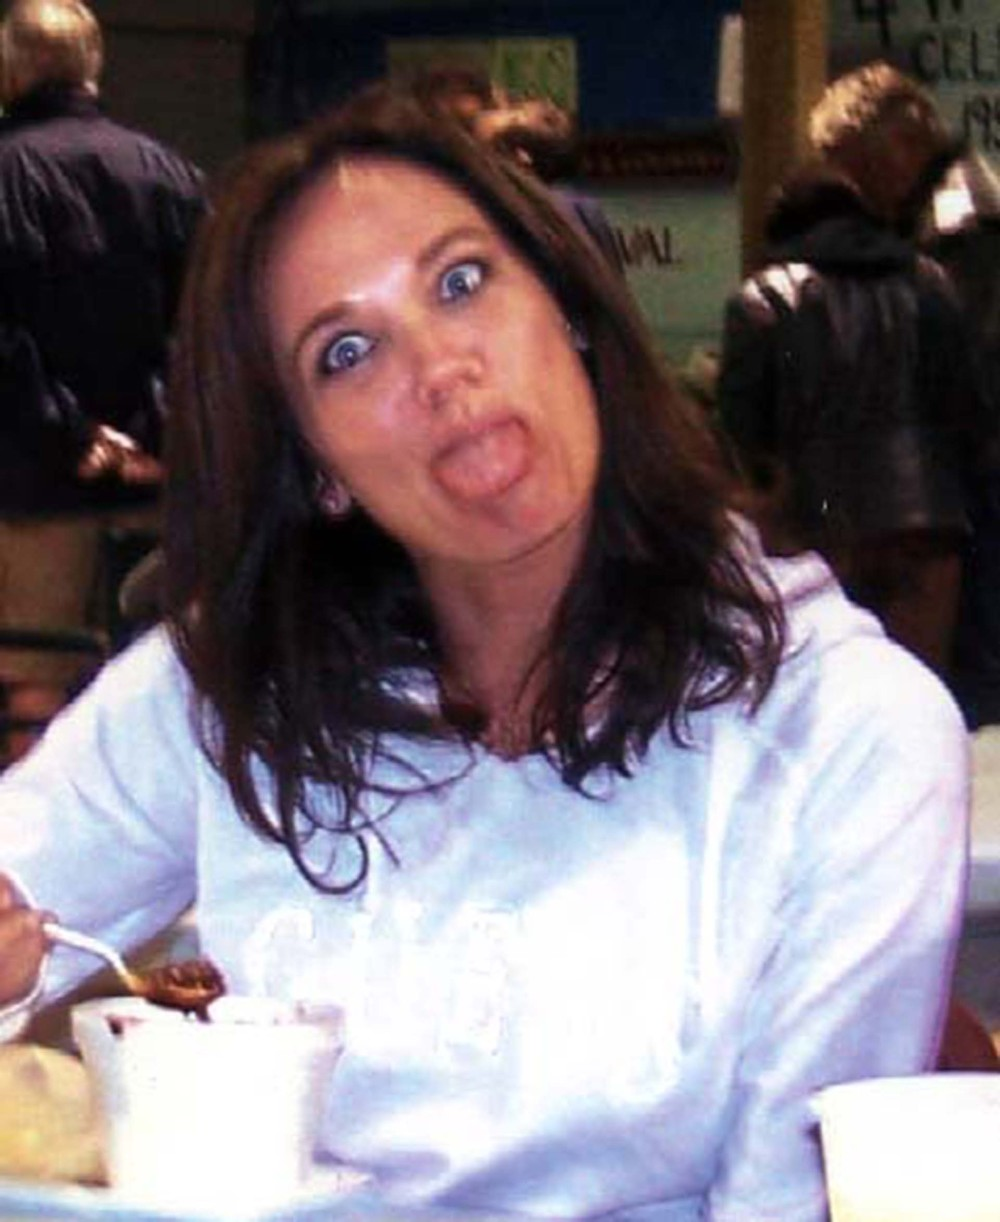 2009 - Alecia Nugent hamming it up